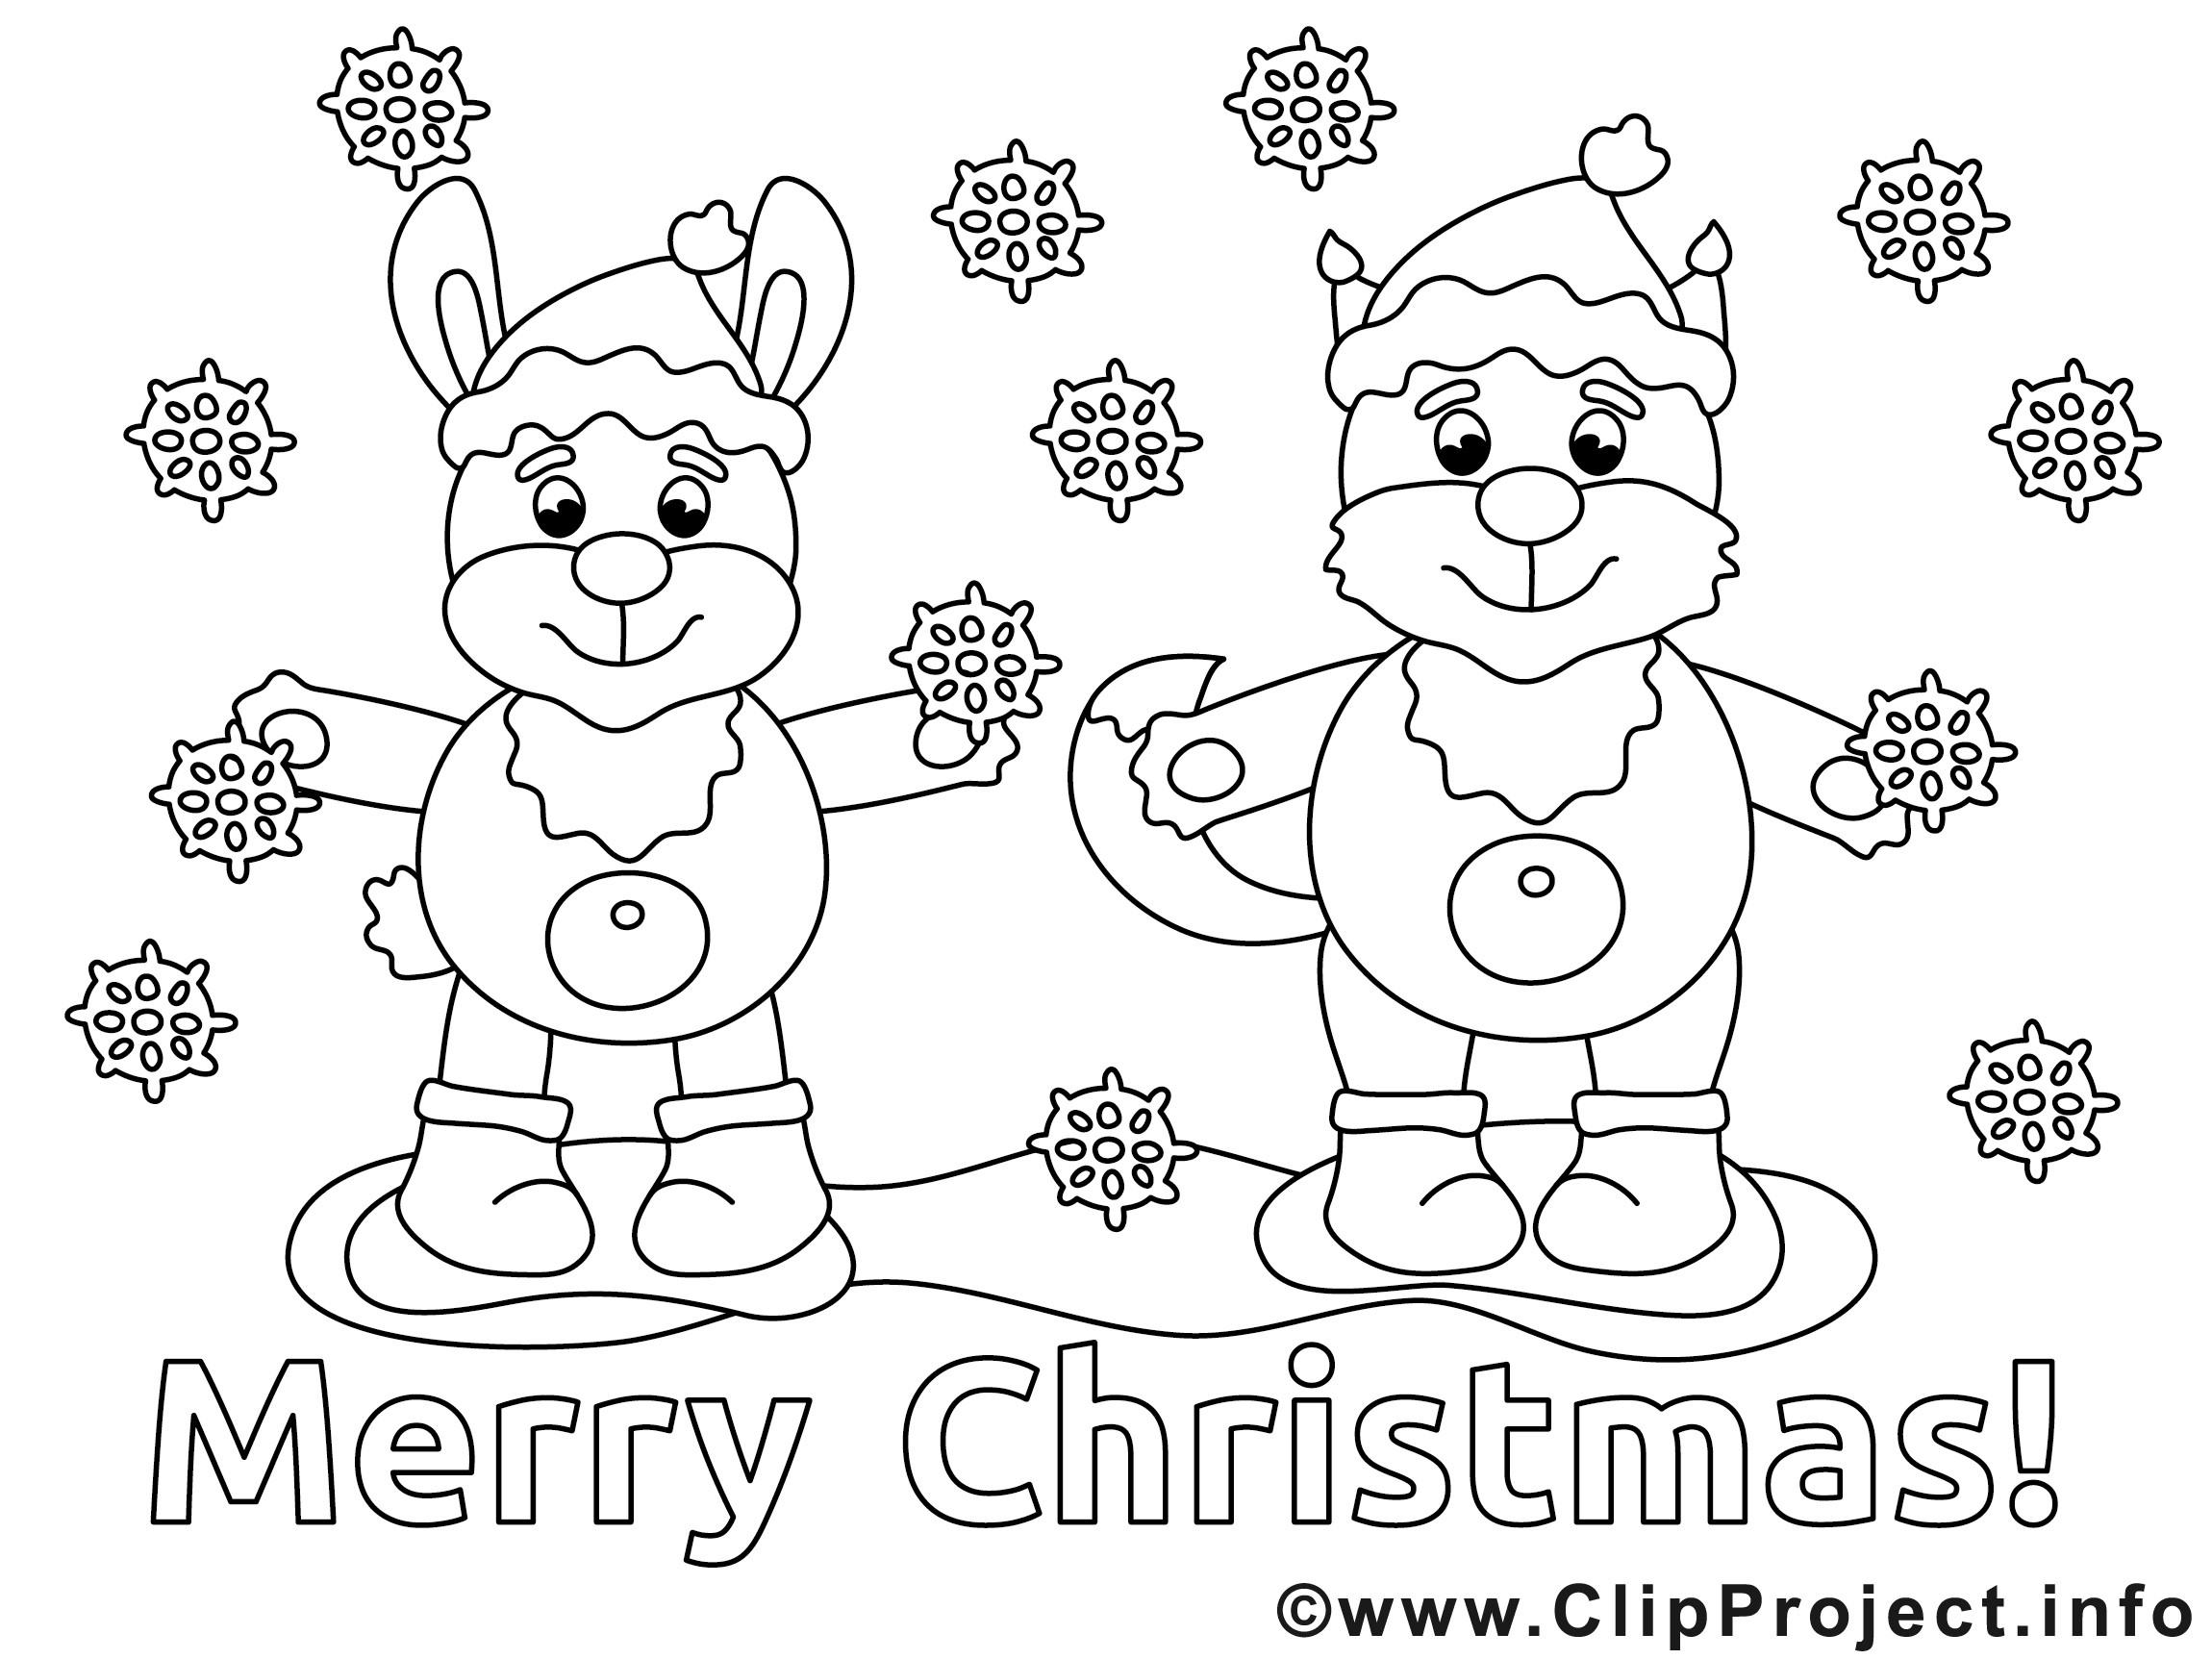 Ausmalbilder Weihnachten Kinder Kostenlos Einzigartig Malvorlagen Gratis Zum Ausdrucken Sammlung